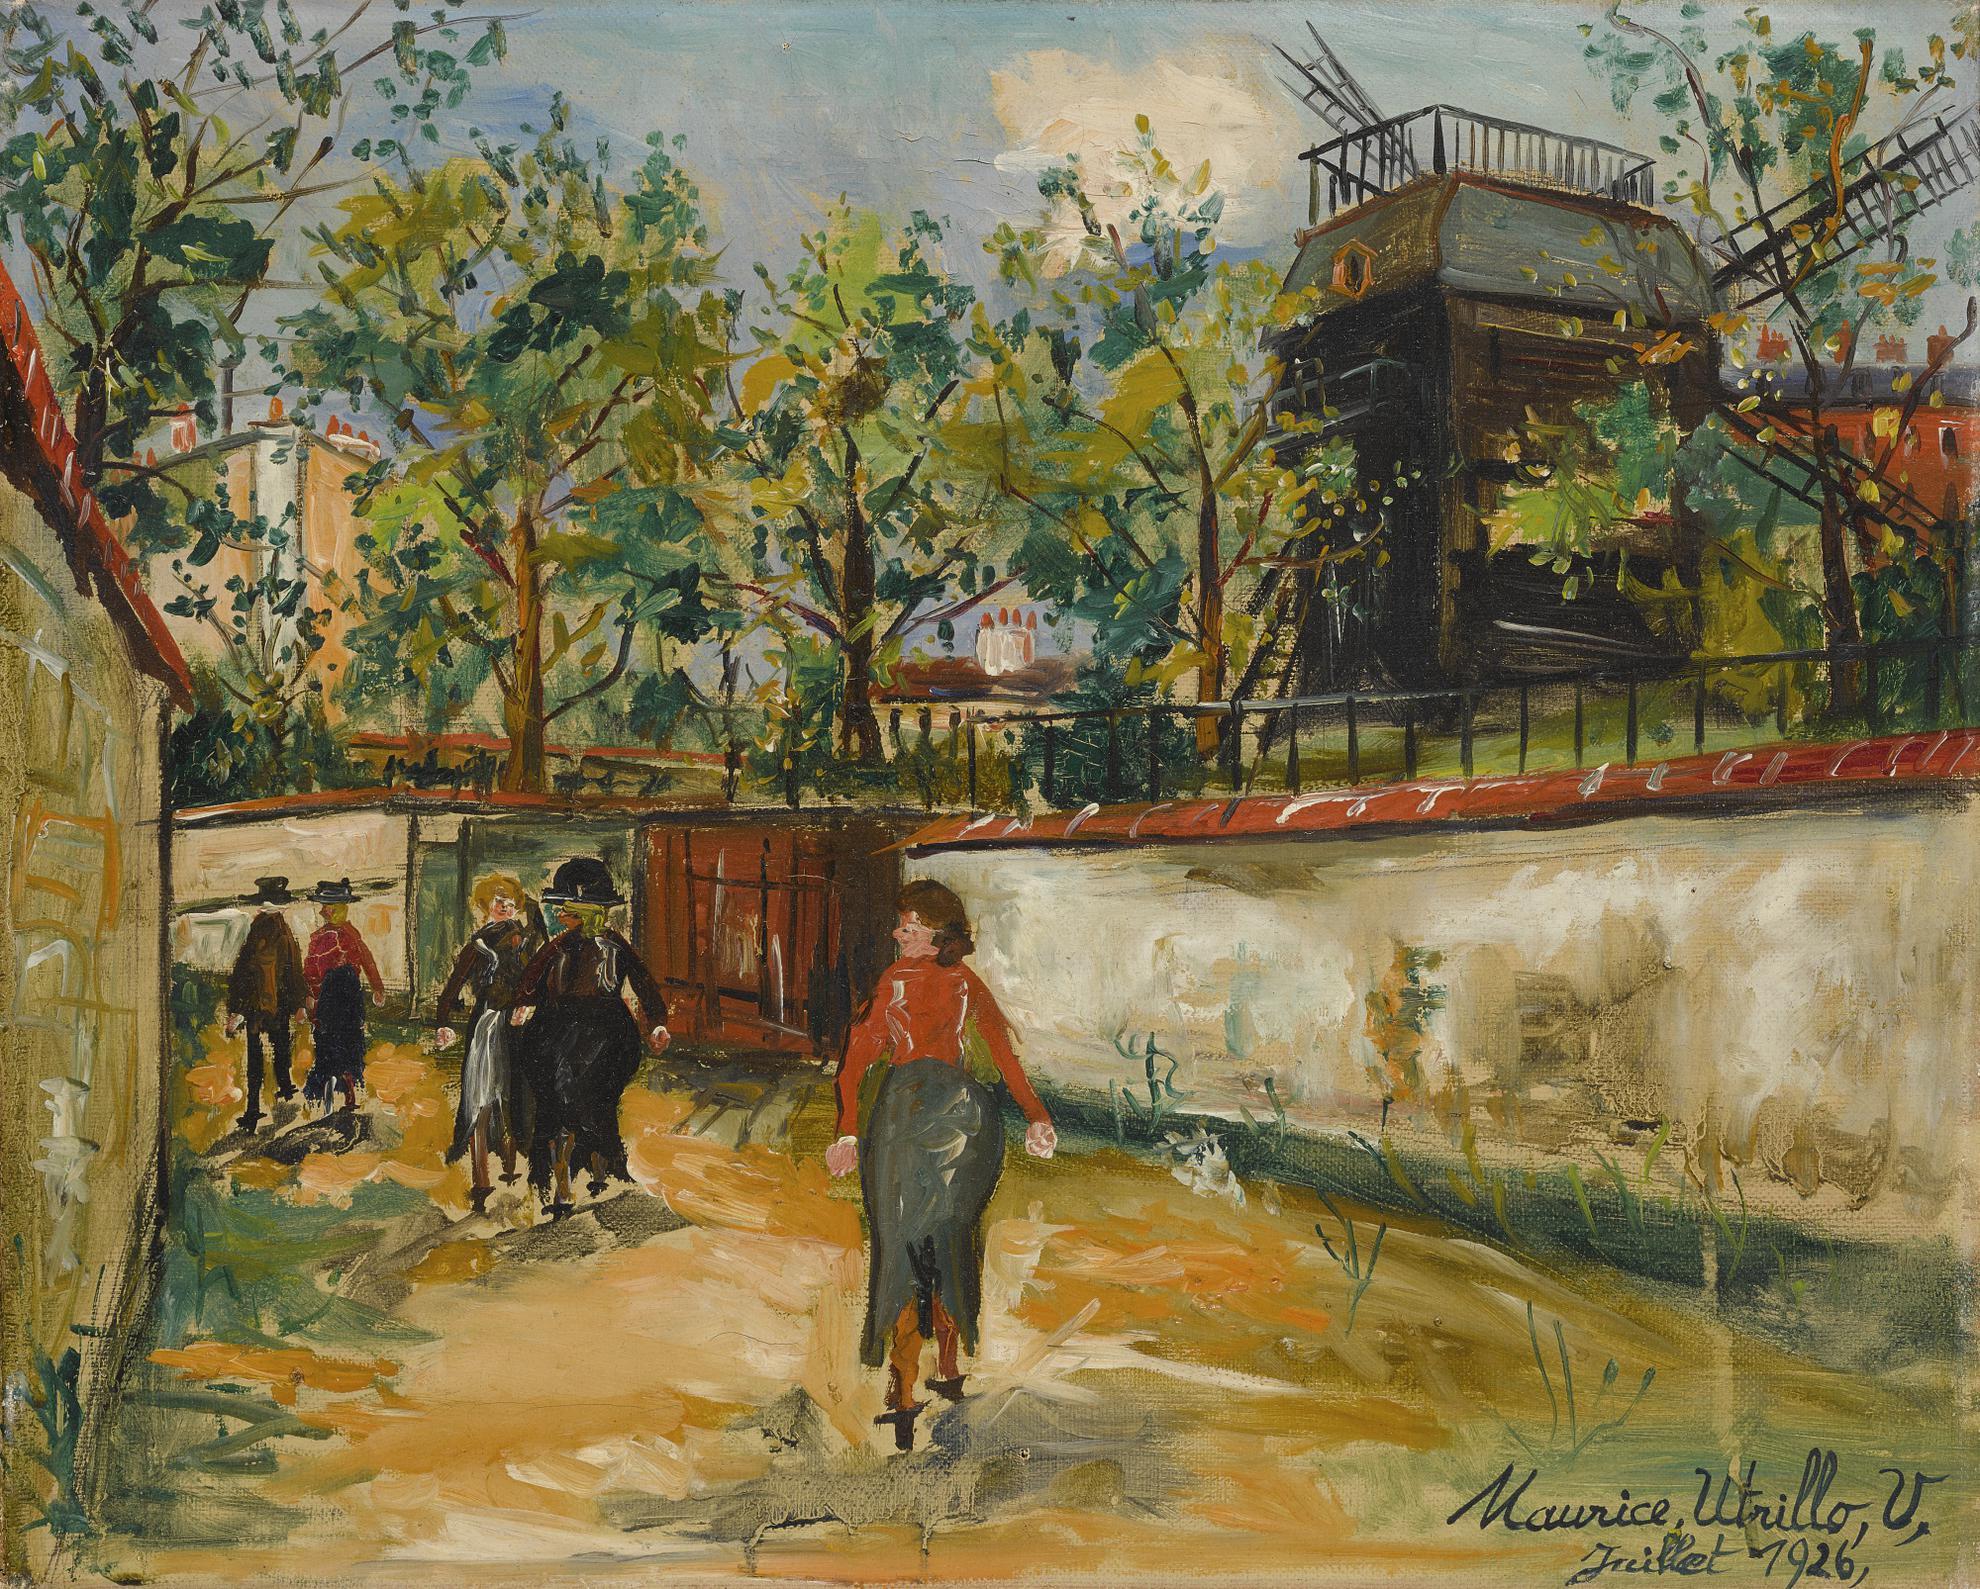 Maurice Utrillo-Moulin De La Galette, Montmartre-1926